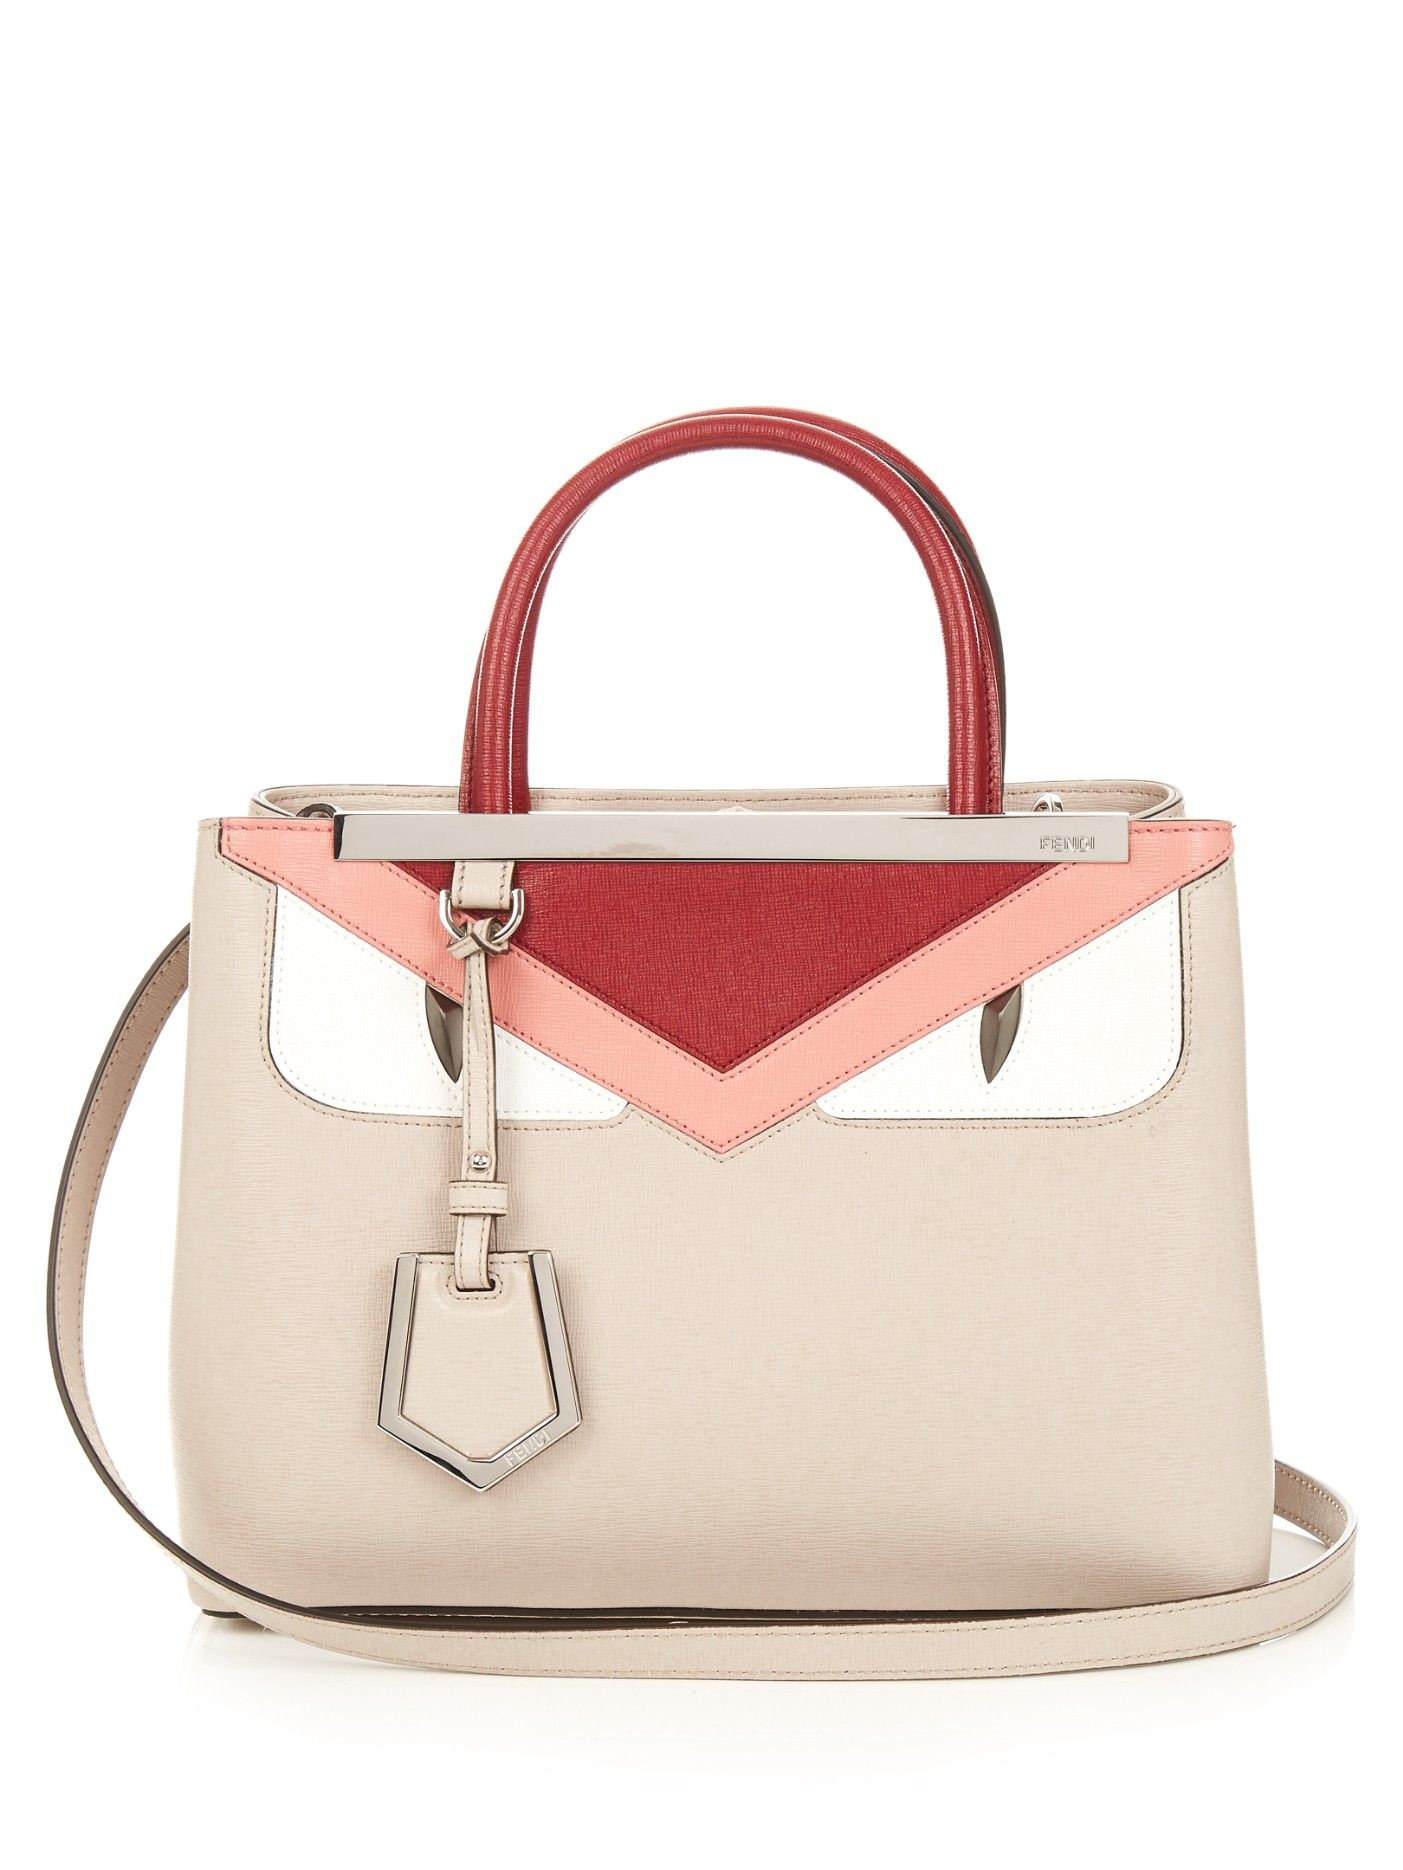 7c0e34ce5e Petite 2Jours Bag Bugs leather tote